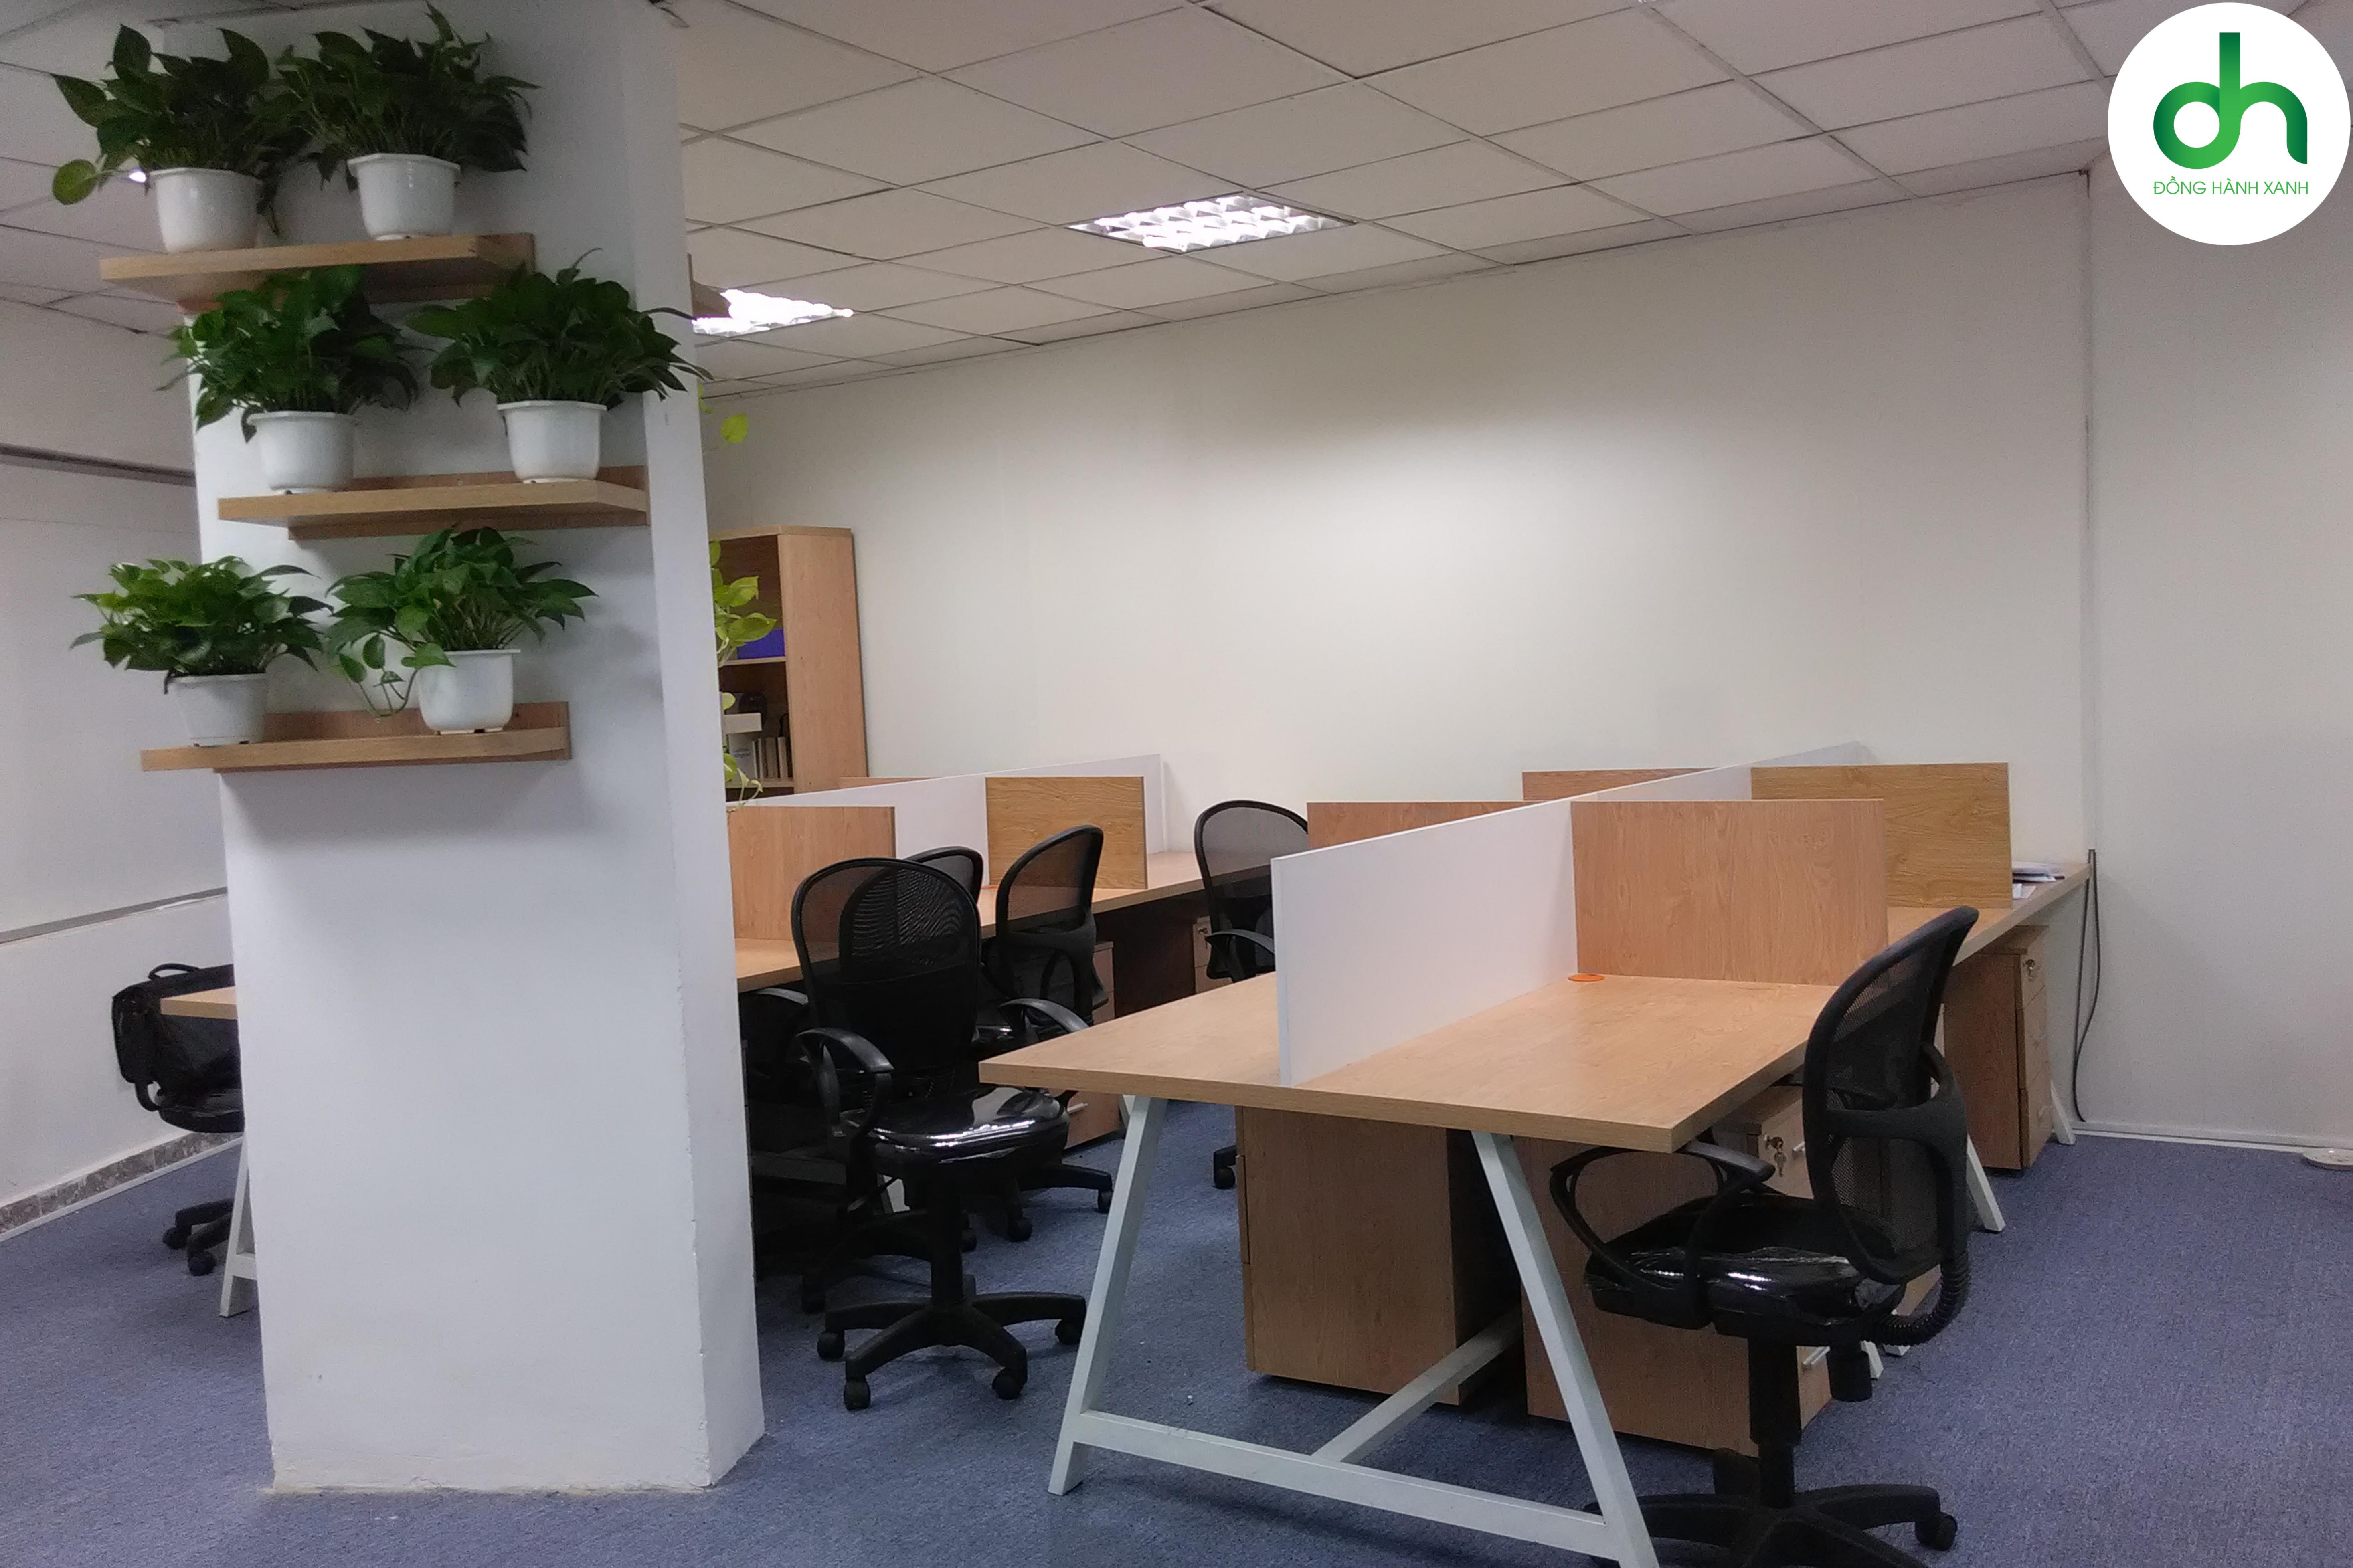 Văn phòng ảo quận 1, Đồng Hành Xanh